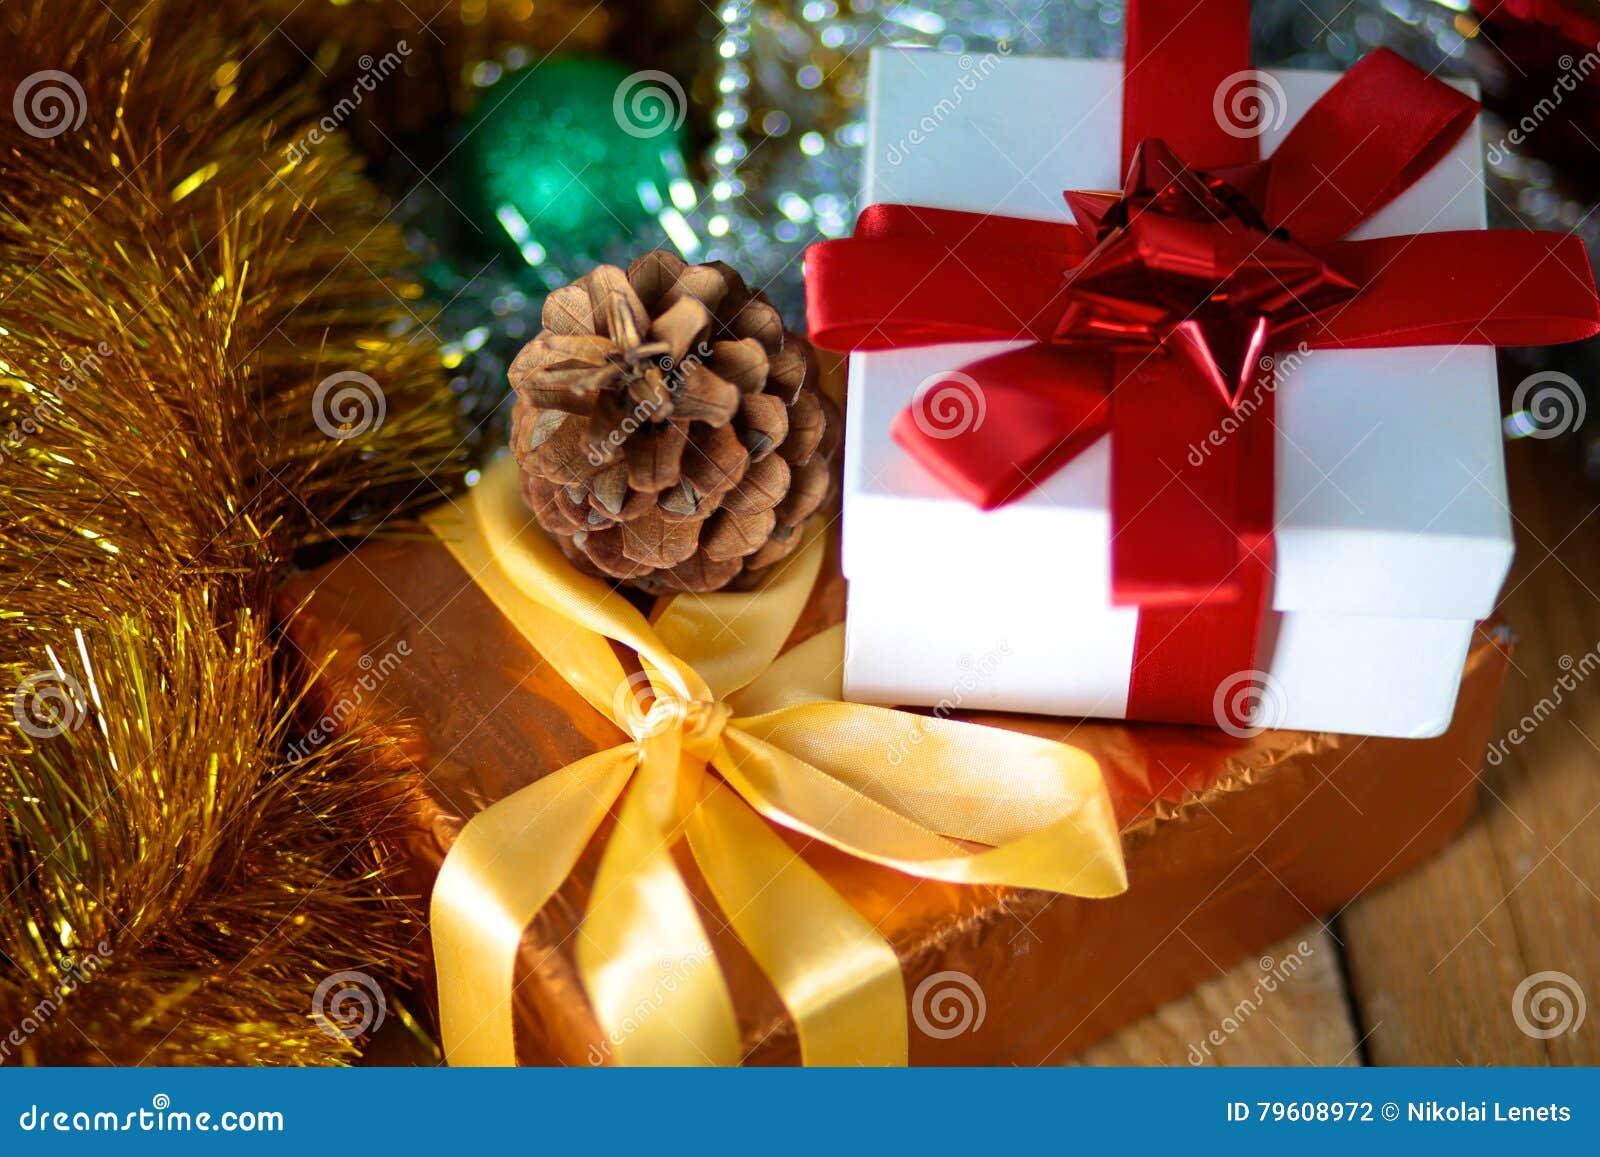 Fundo do Natal do ouro de luzes de-focalizadas com árvore decorada